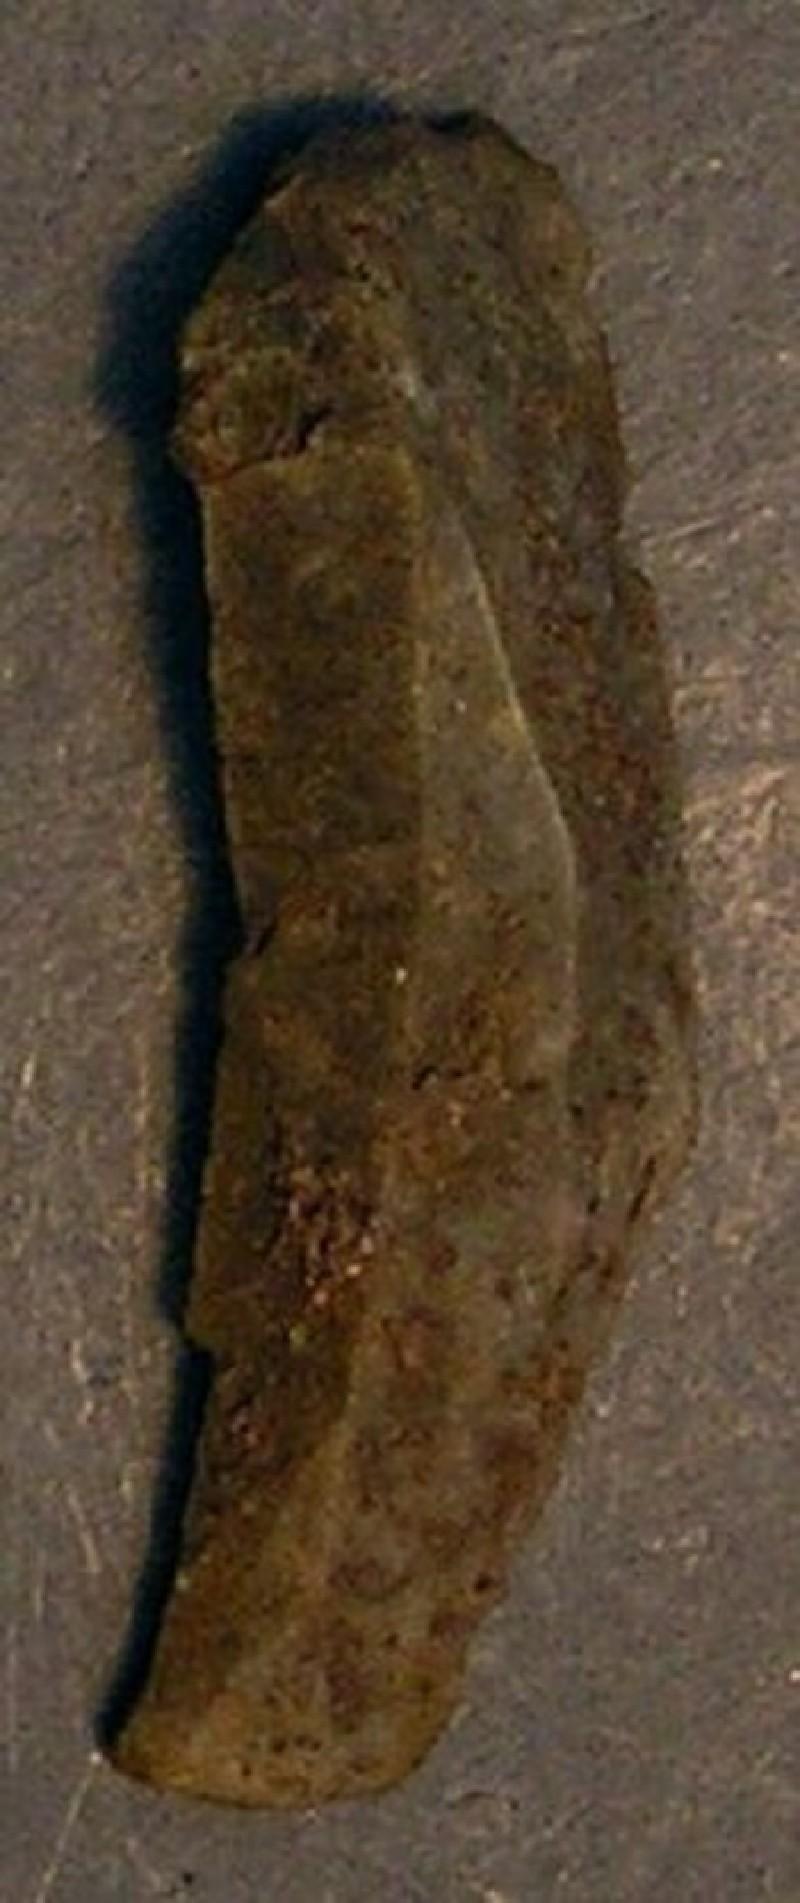 (AN1928.295.g, record shot)